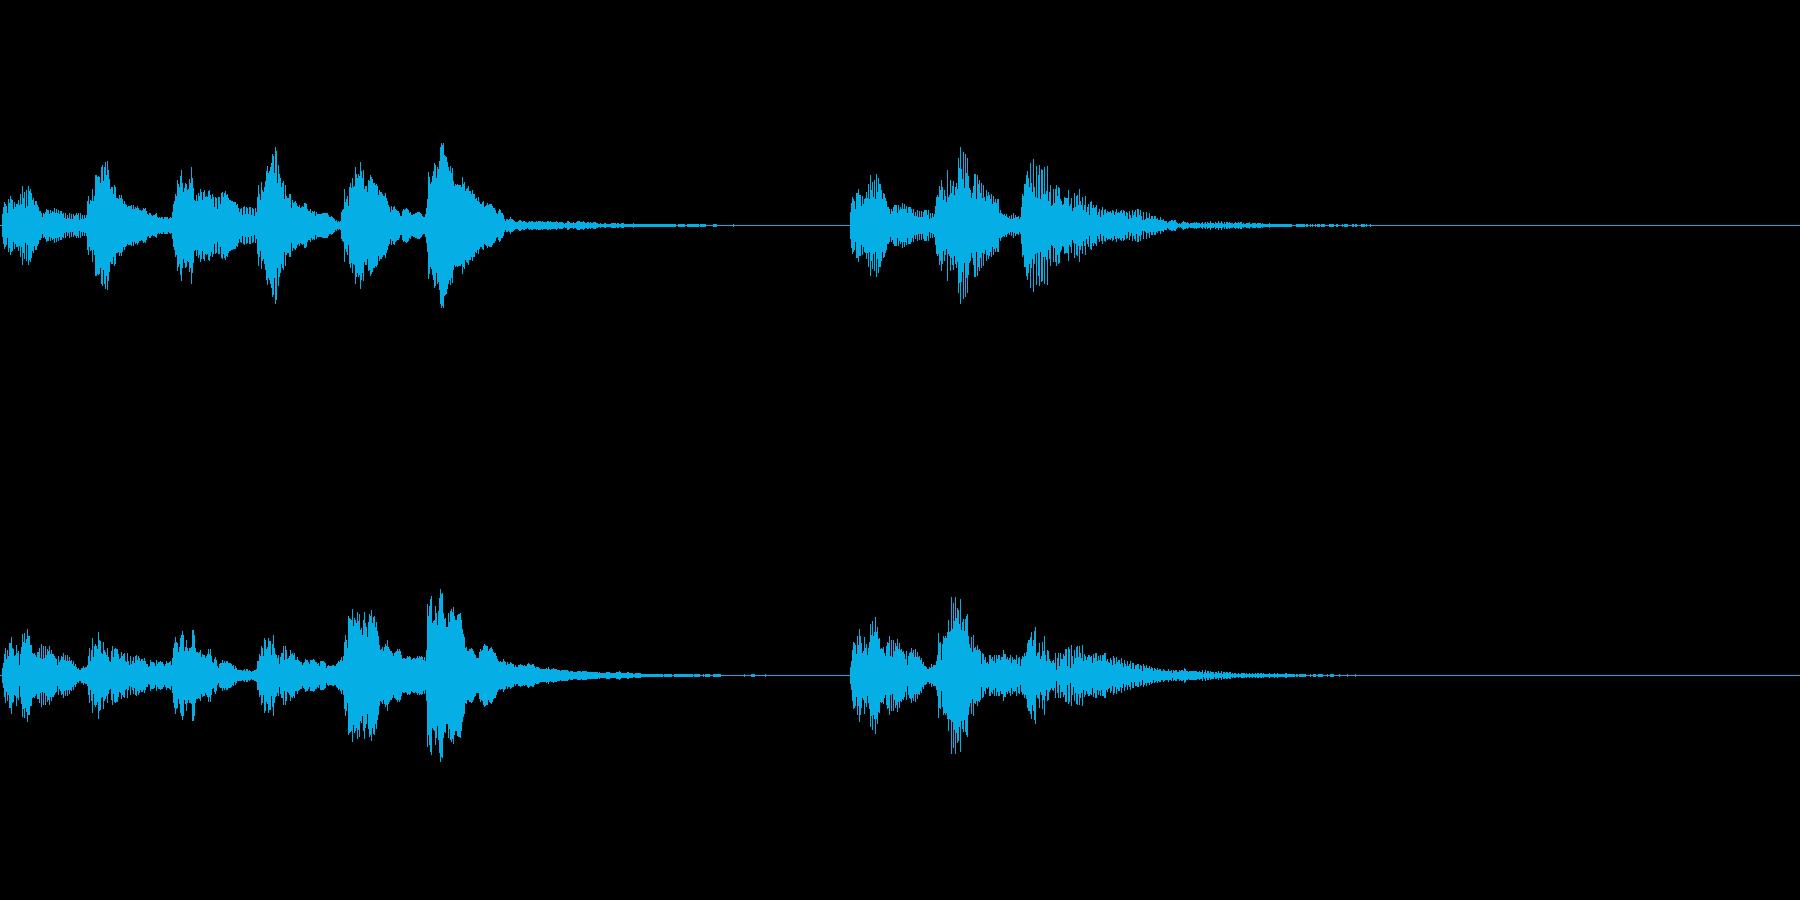 ピチカートのシンプルなジングルの再生済みの波形